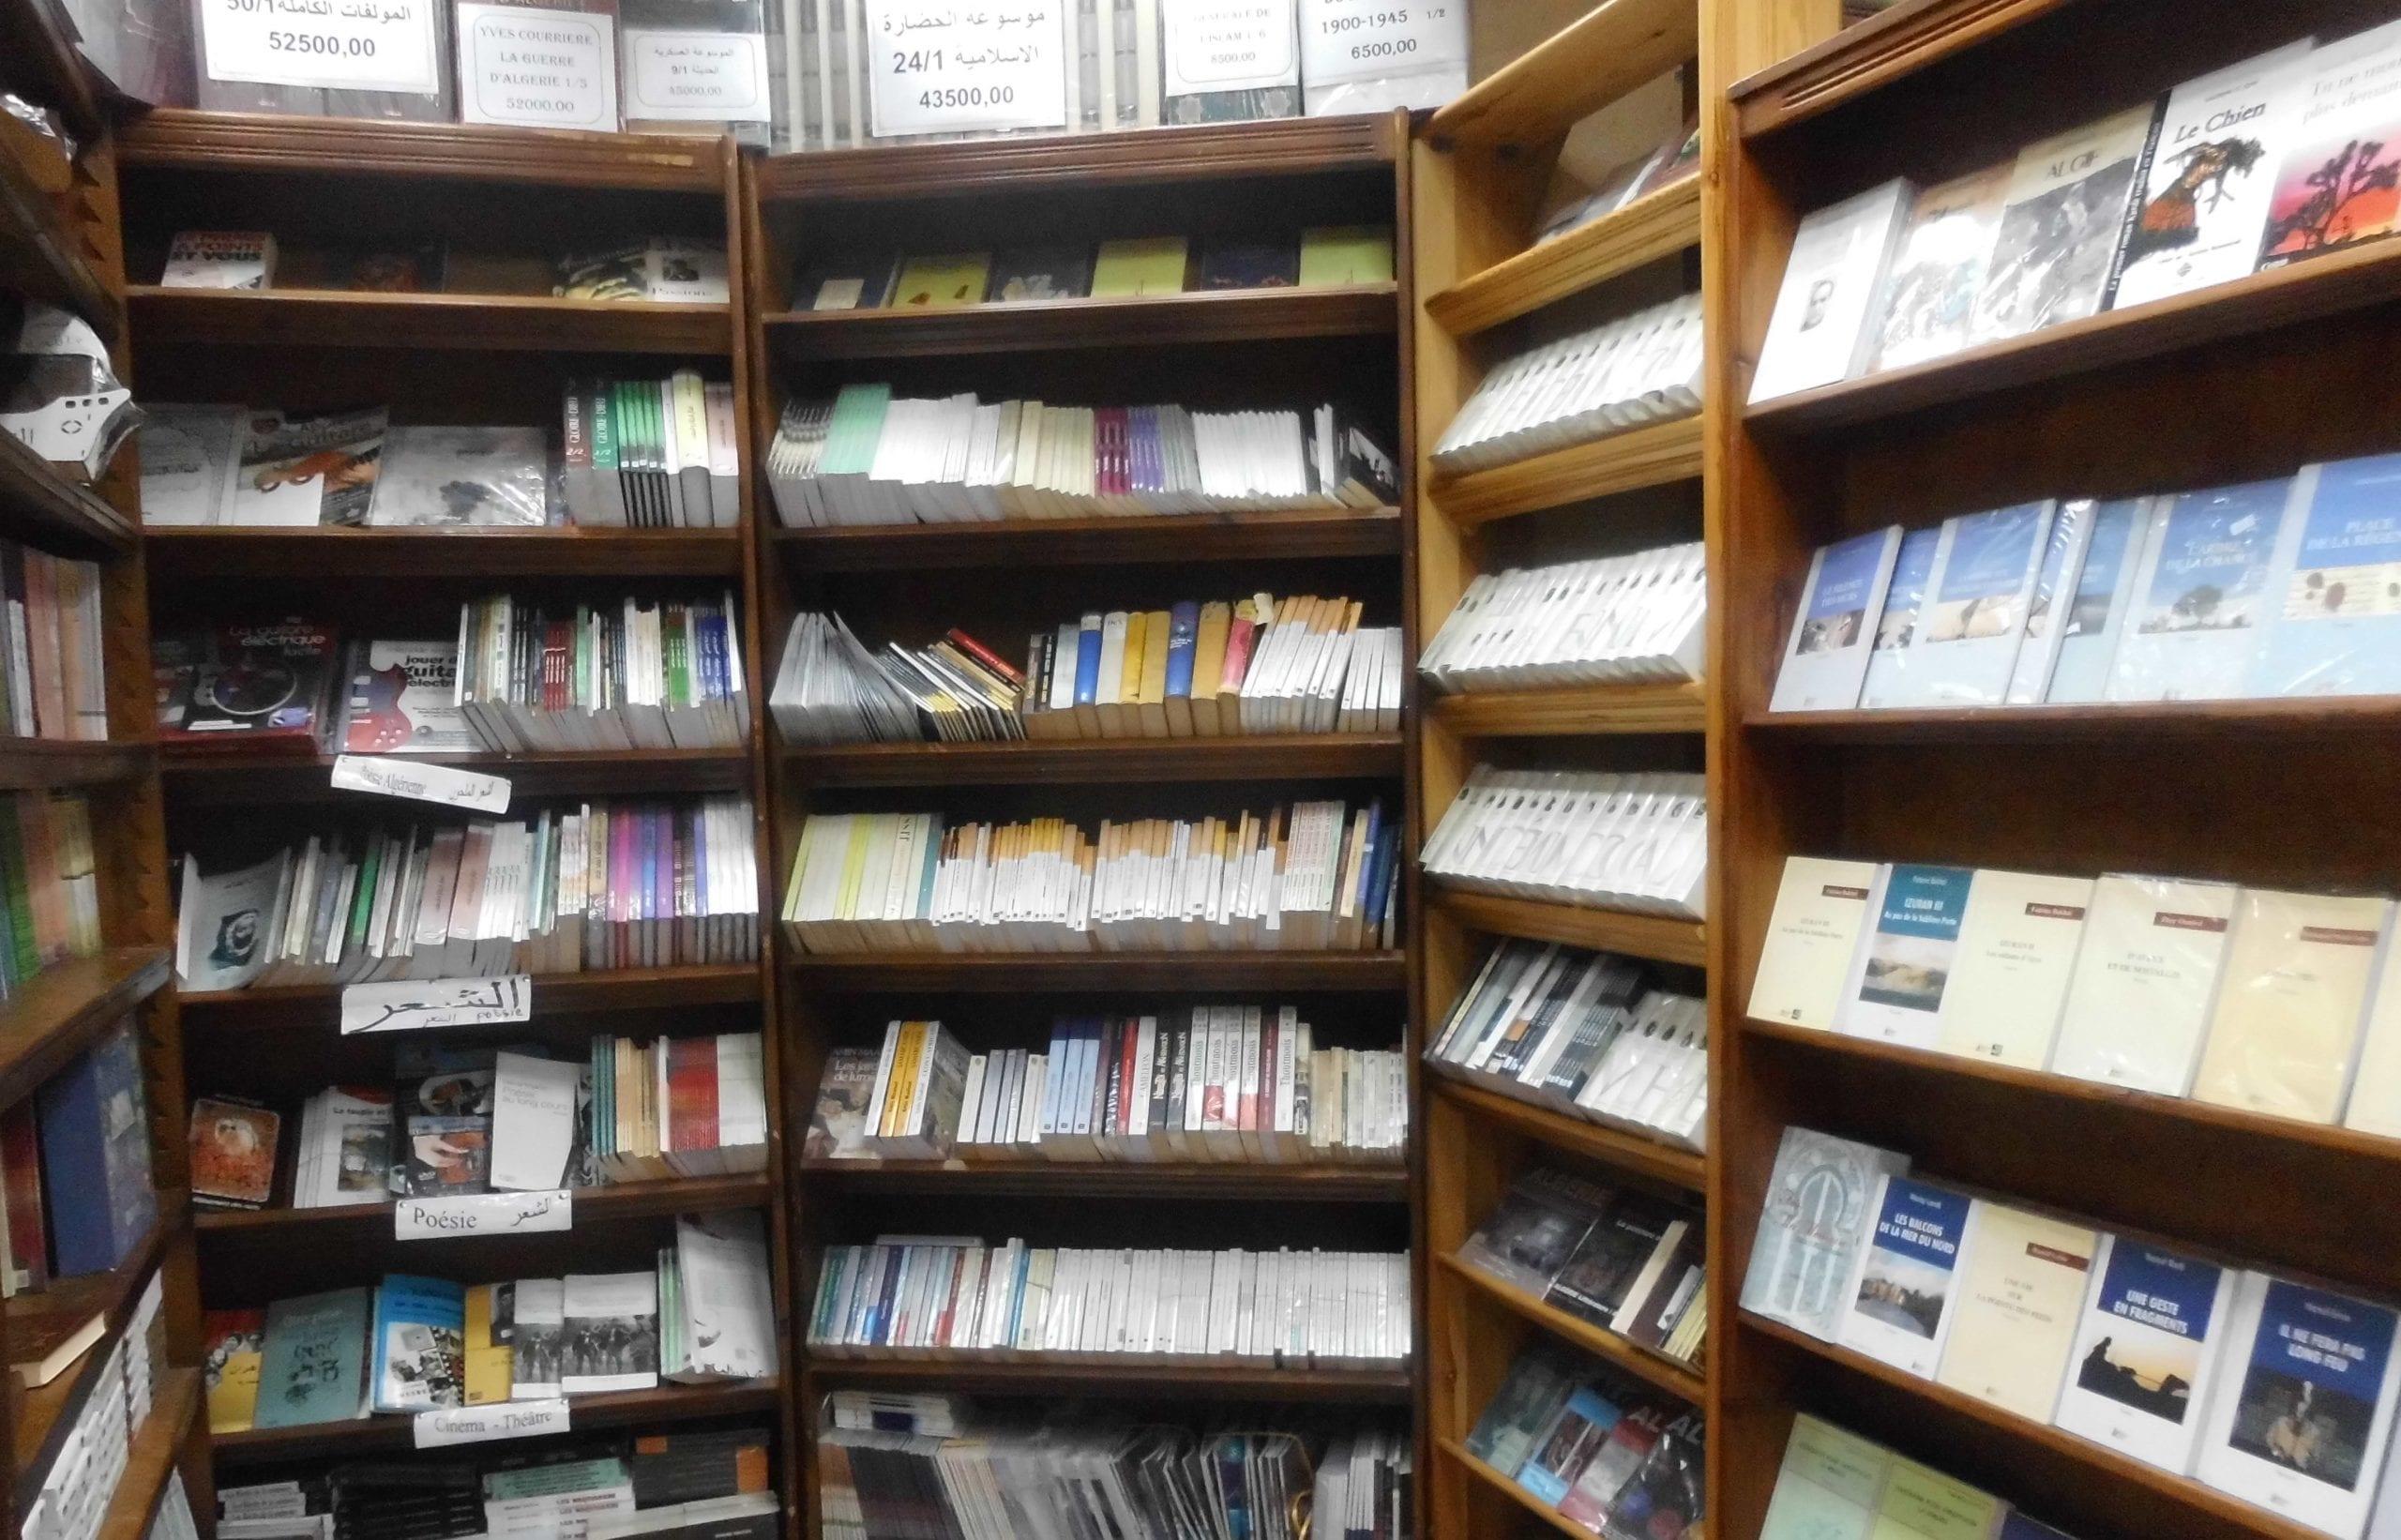 Librairie La Renaissance best bookshops in Alger